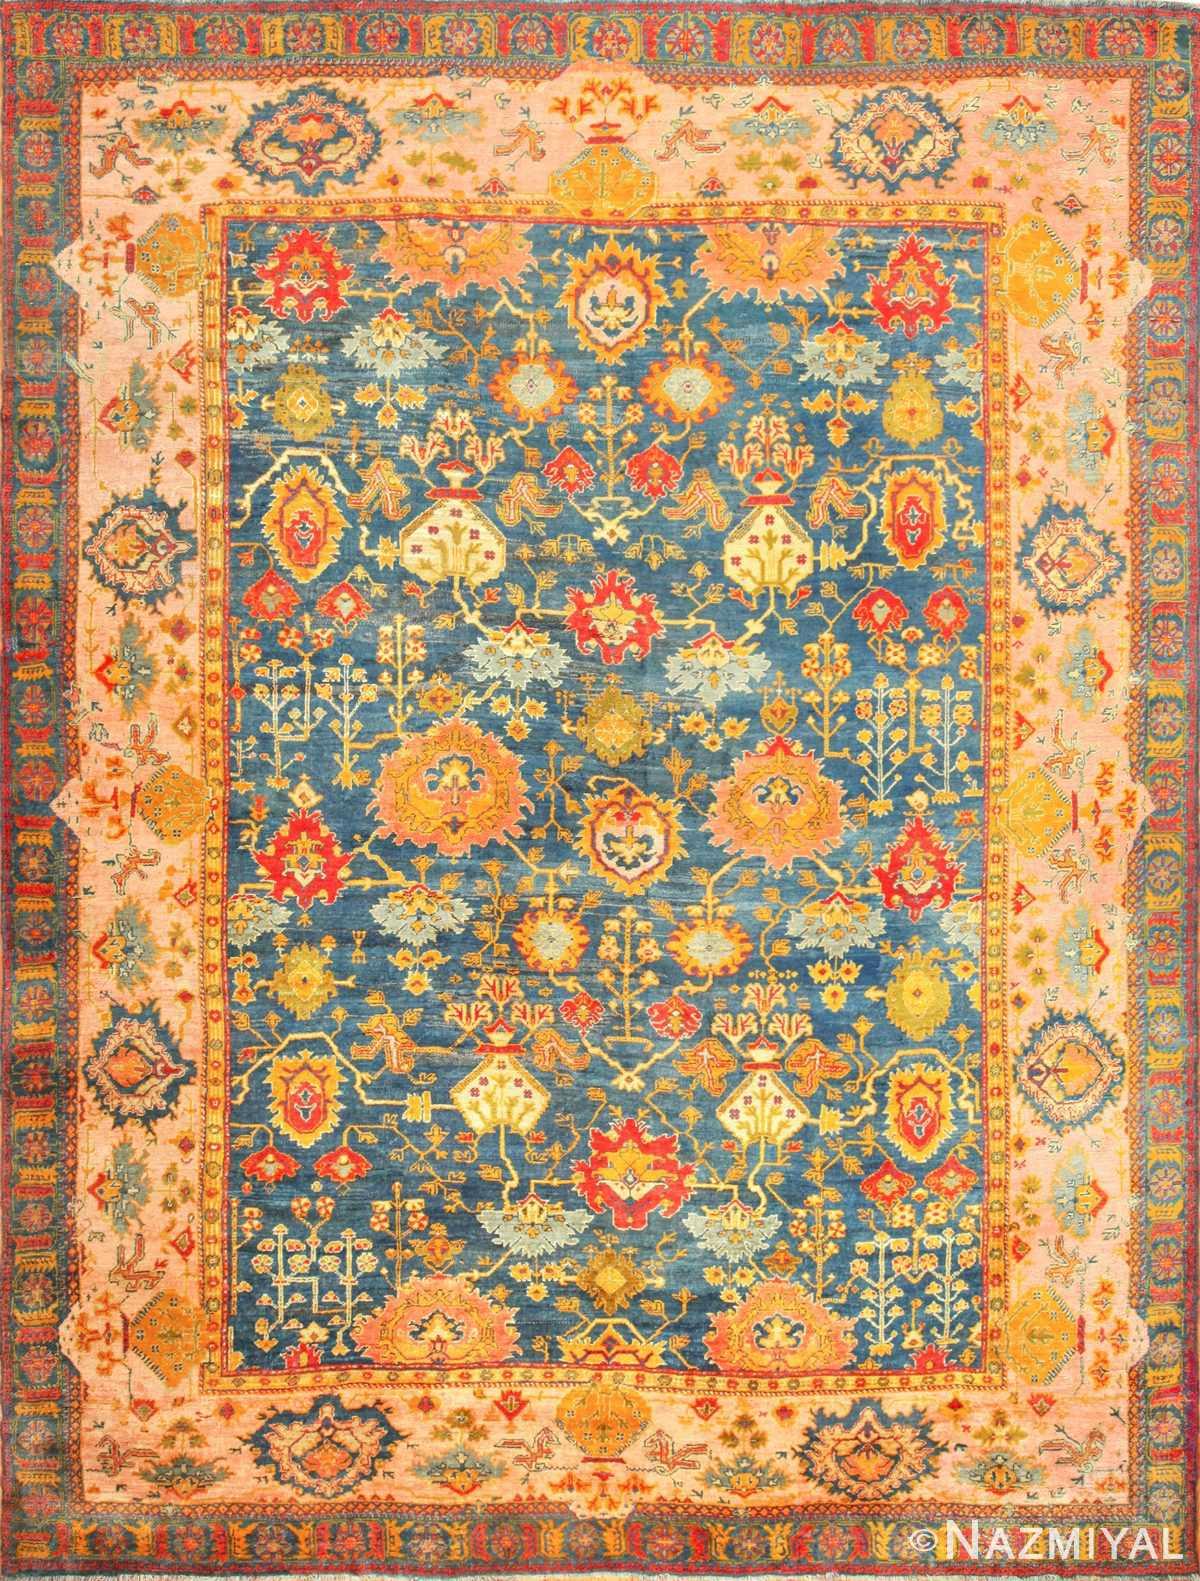 antique blue background turkish oushak rug 49108 Nazmiyal